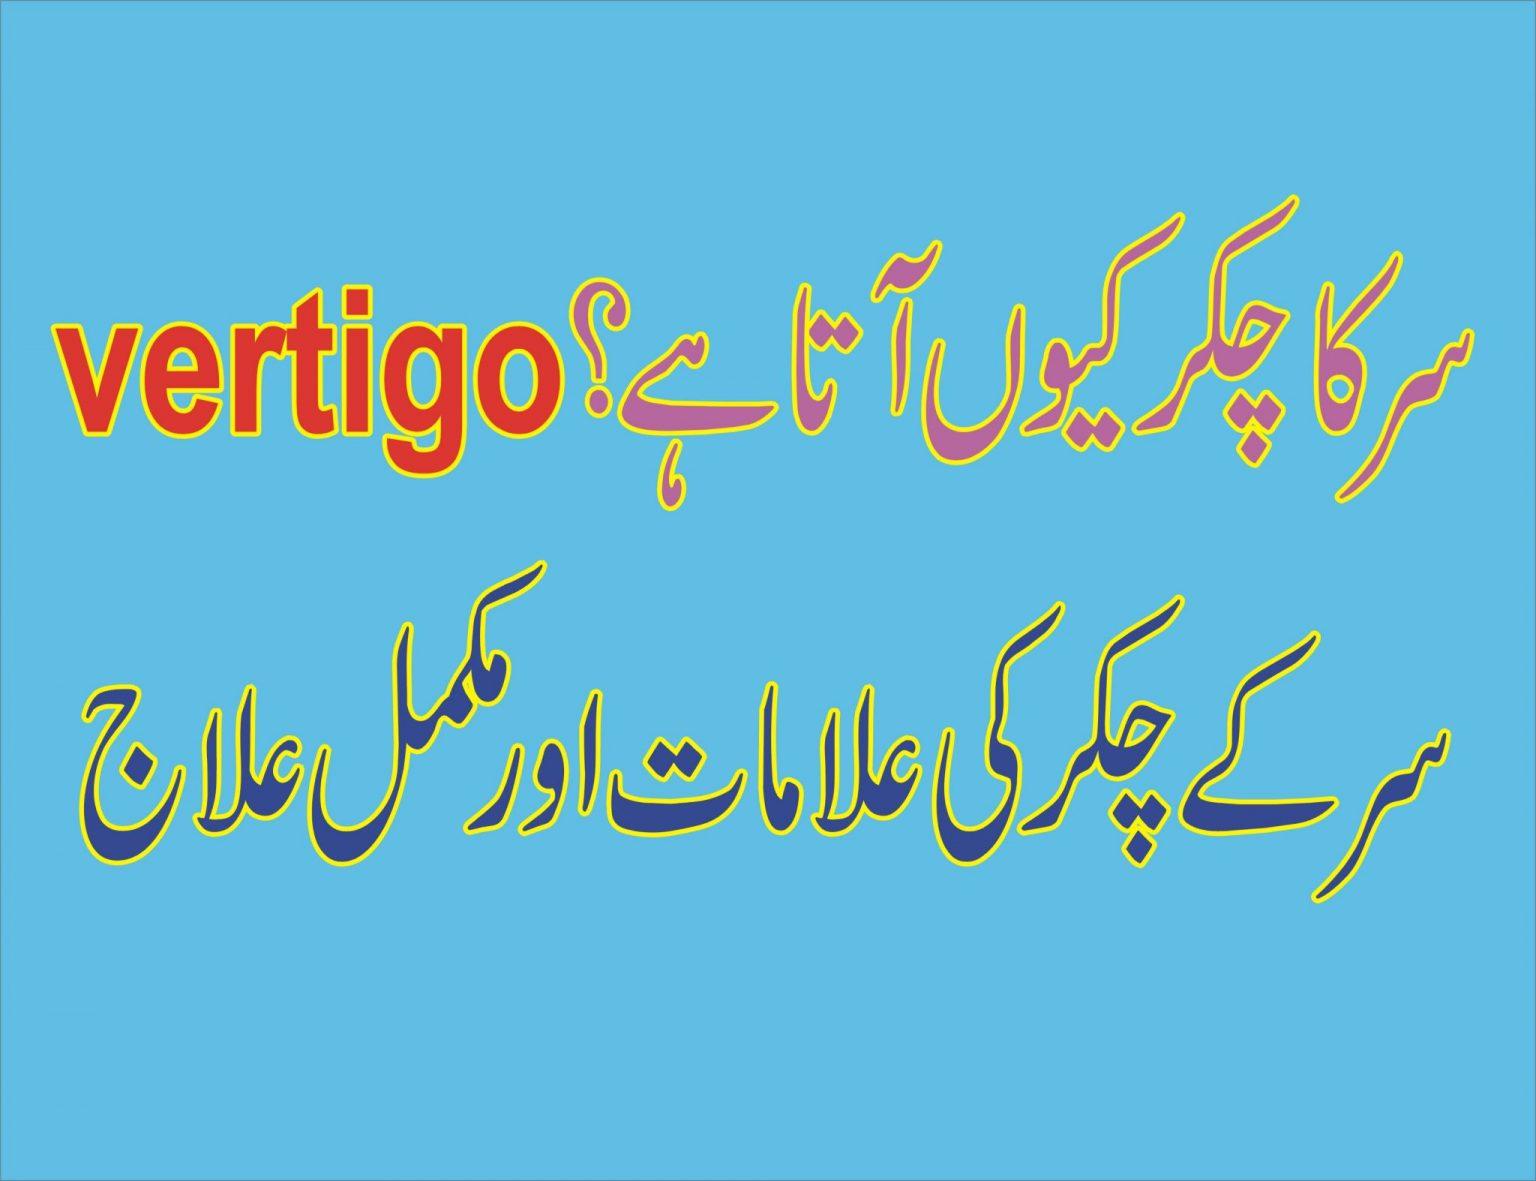 Vertigo (Dizziness) Symptoms, Causes ,Treament    Vertigo ...